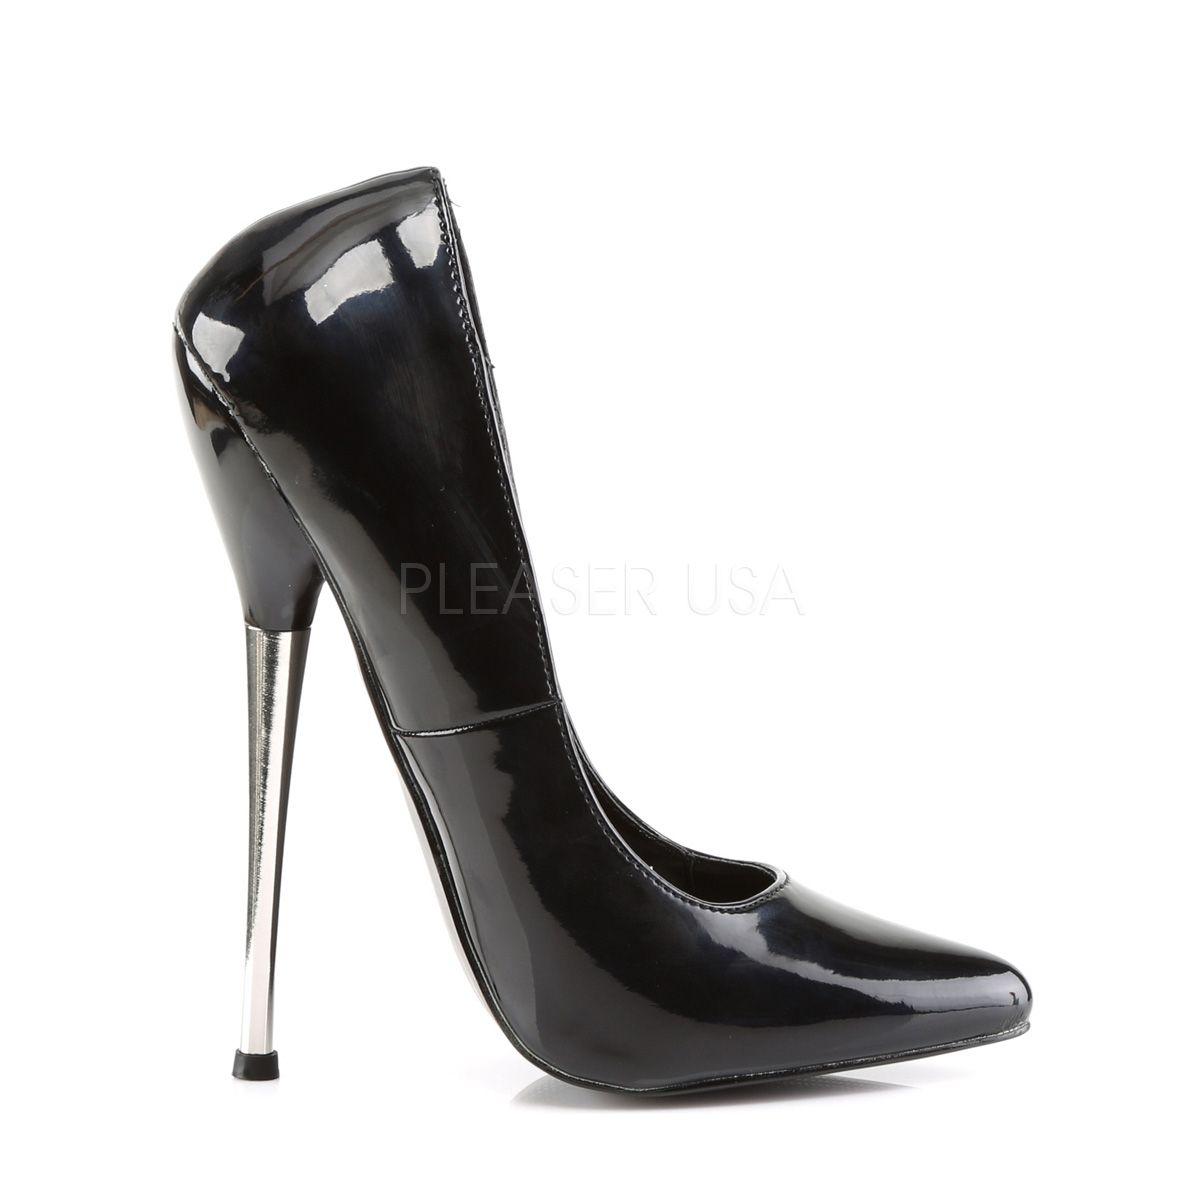 Zapato retro con barquilla clásica y tacón de aguja metálico